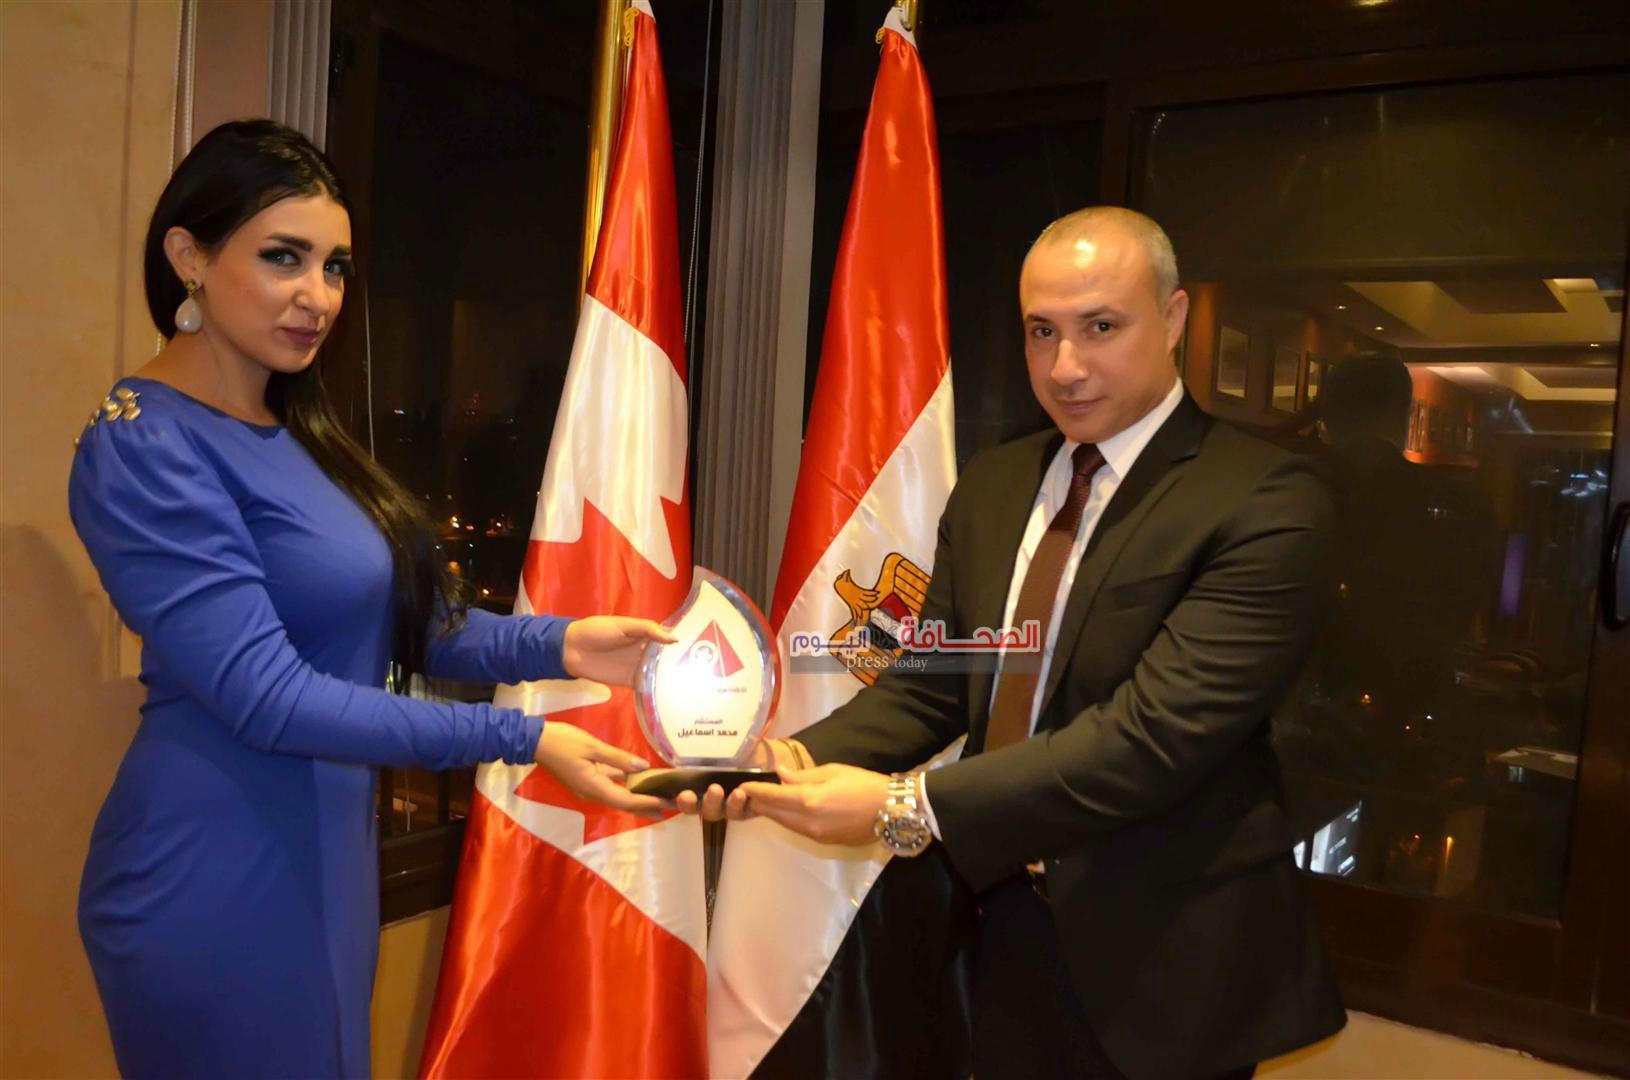 الأكاديميةالكندية تكرم جيهان خليل نجمة arab casting